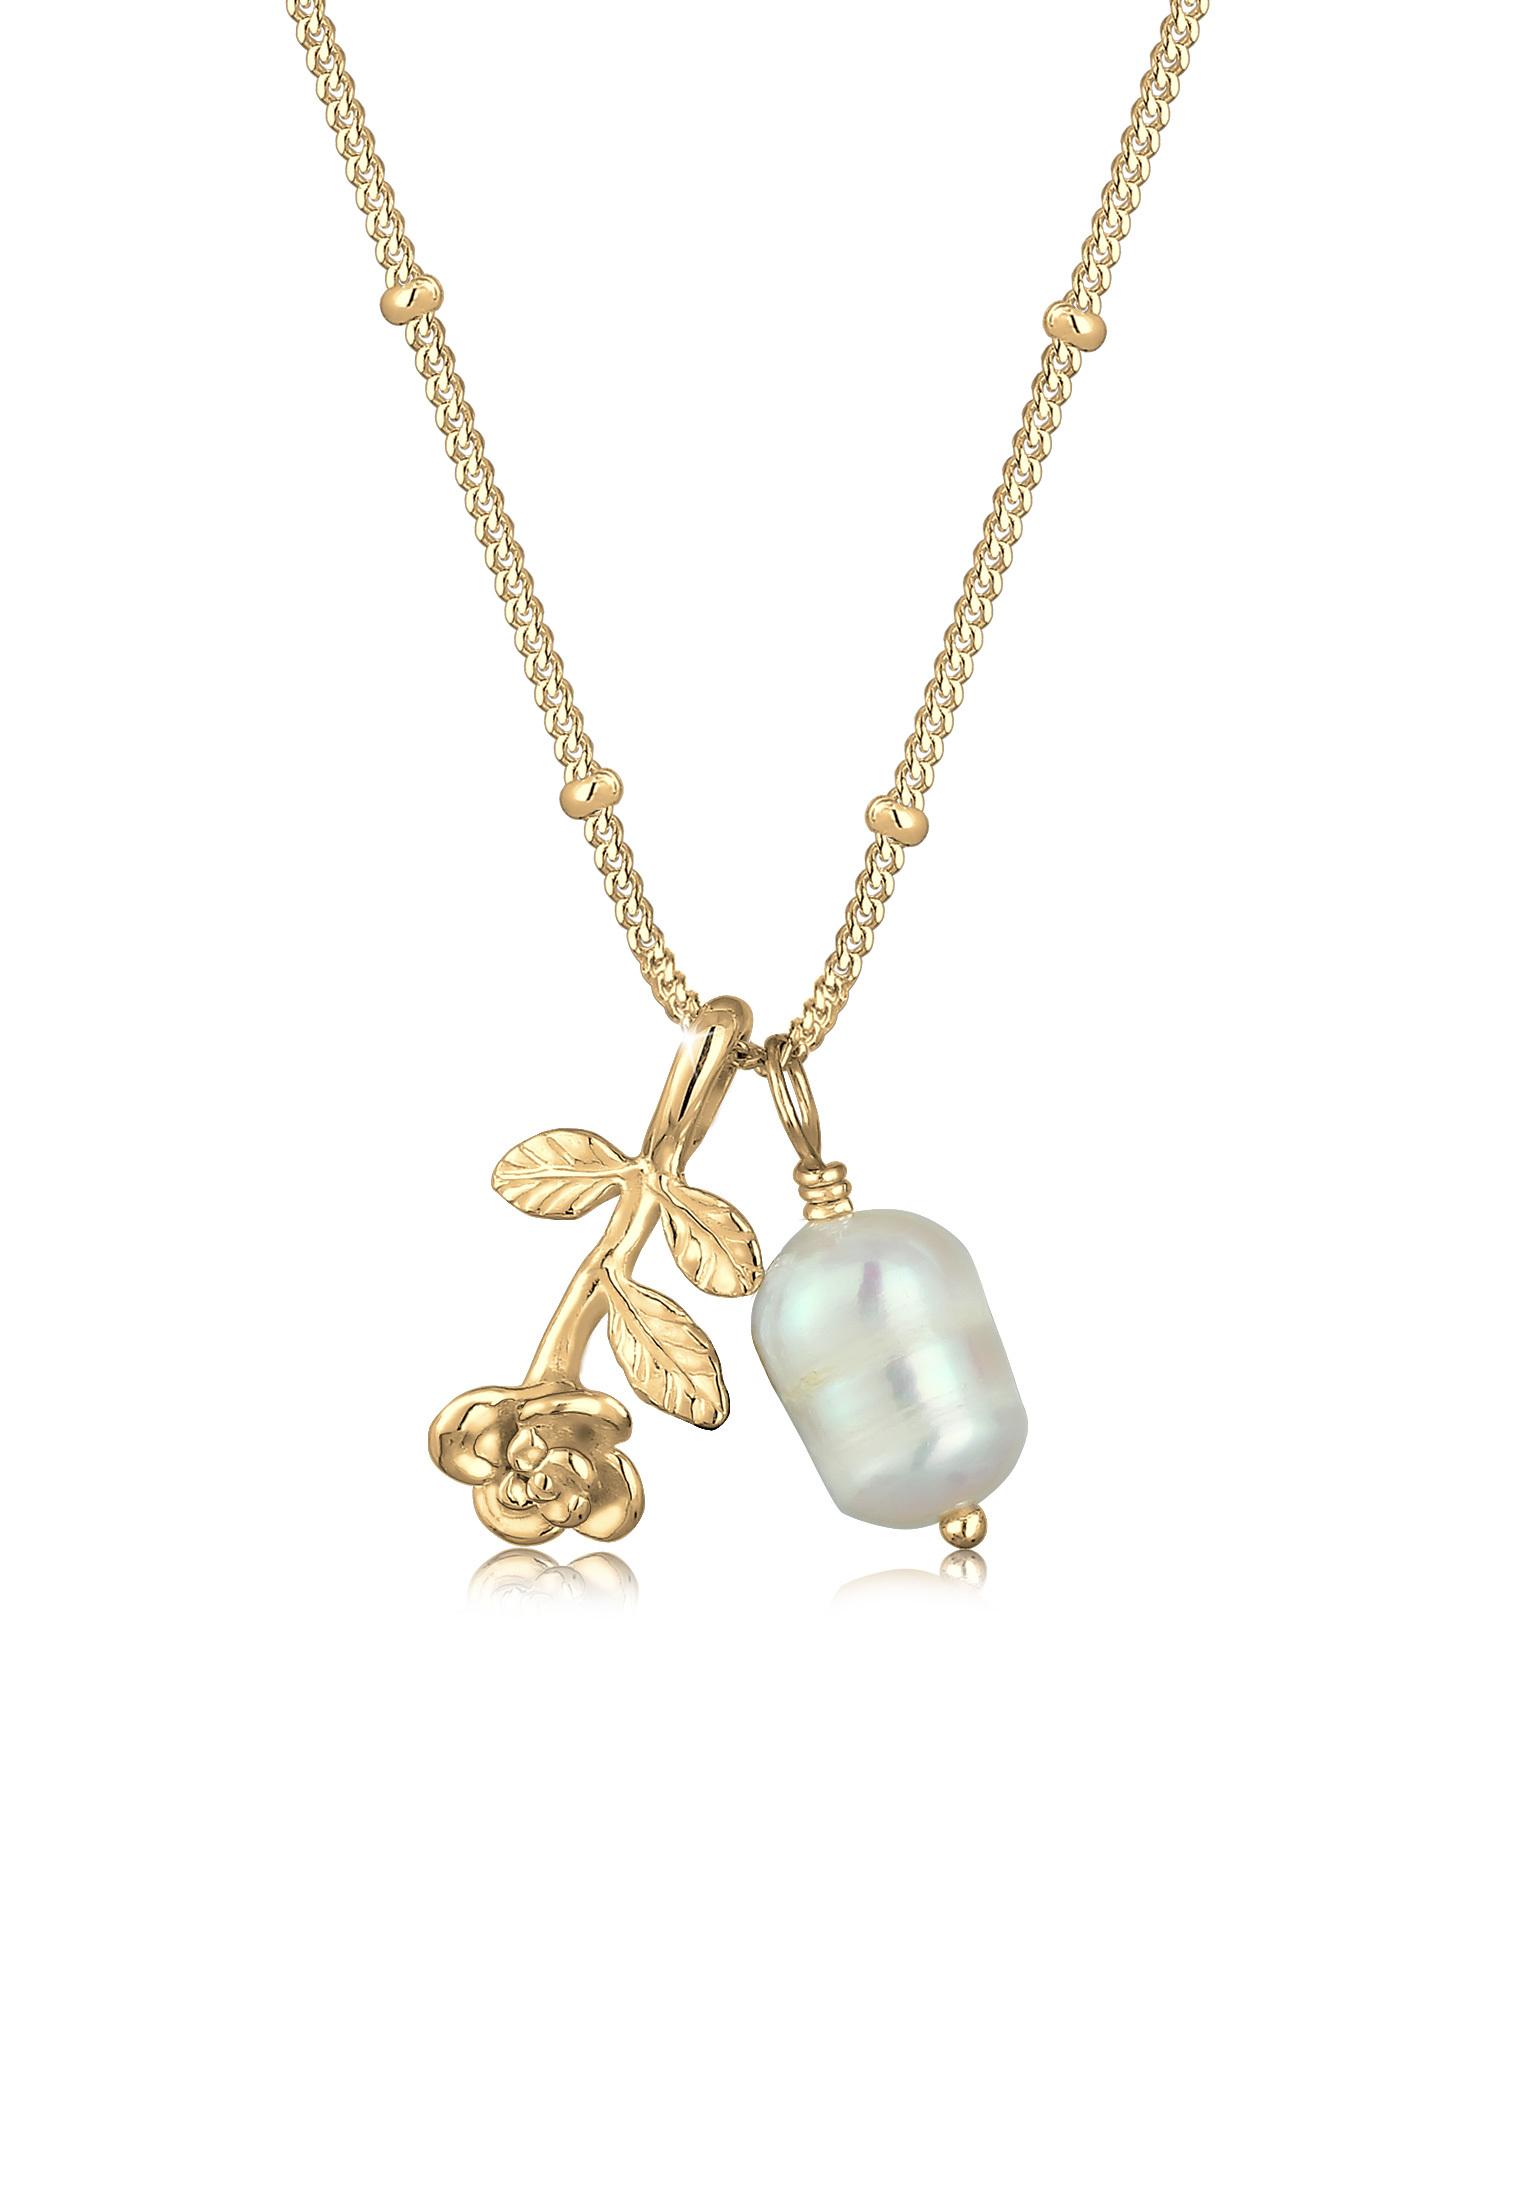 Kugel-Halskette | Süßwasserperle | 925 Sterling Silber vergoldet